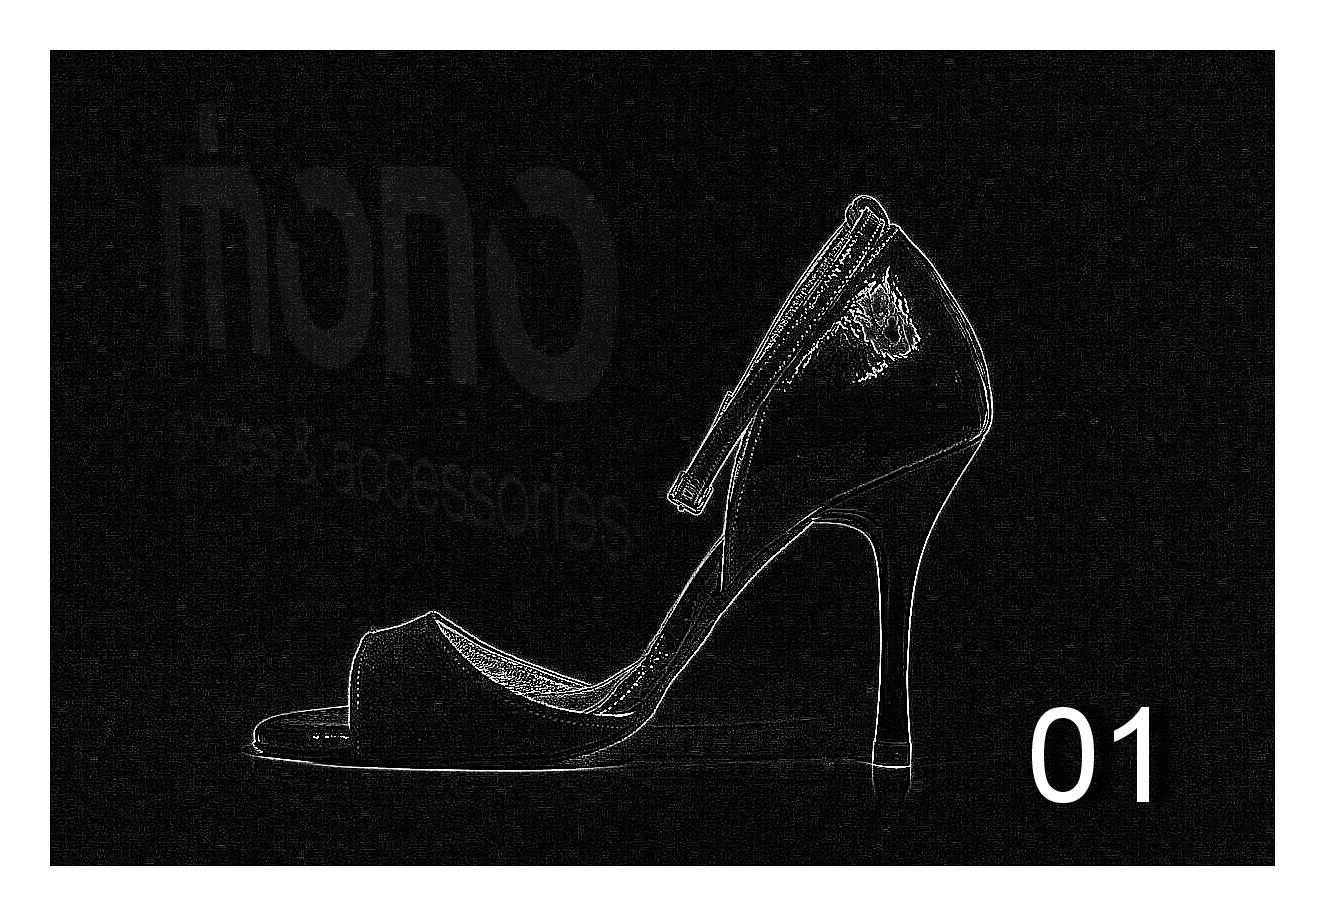 My Tango Shoes By Mono Lady Mono Tango Shoes Model 01